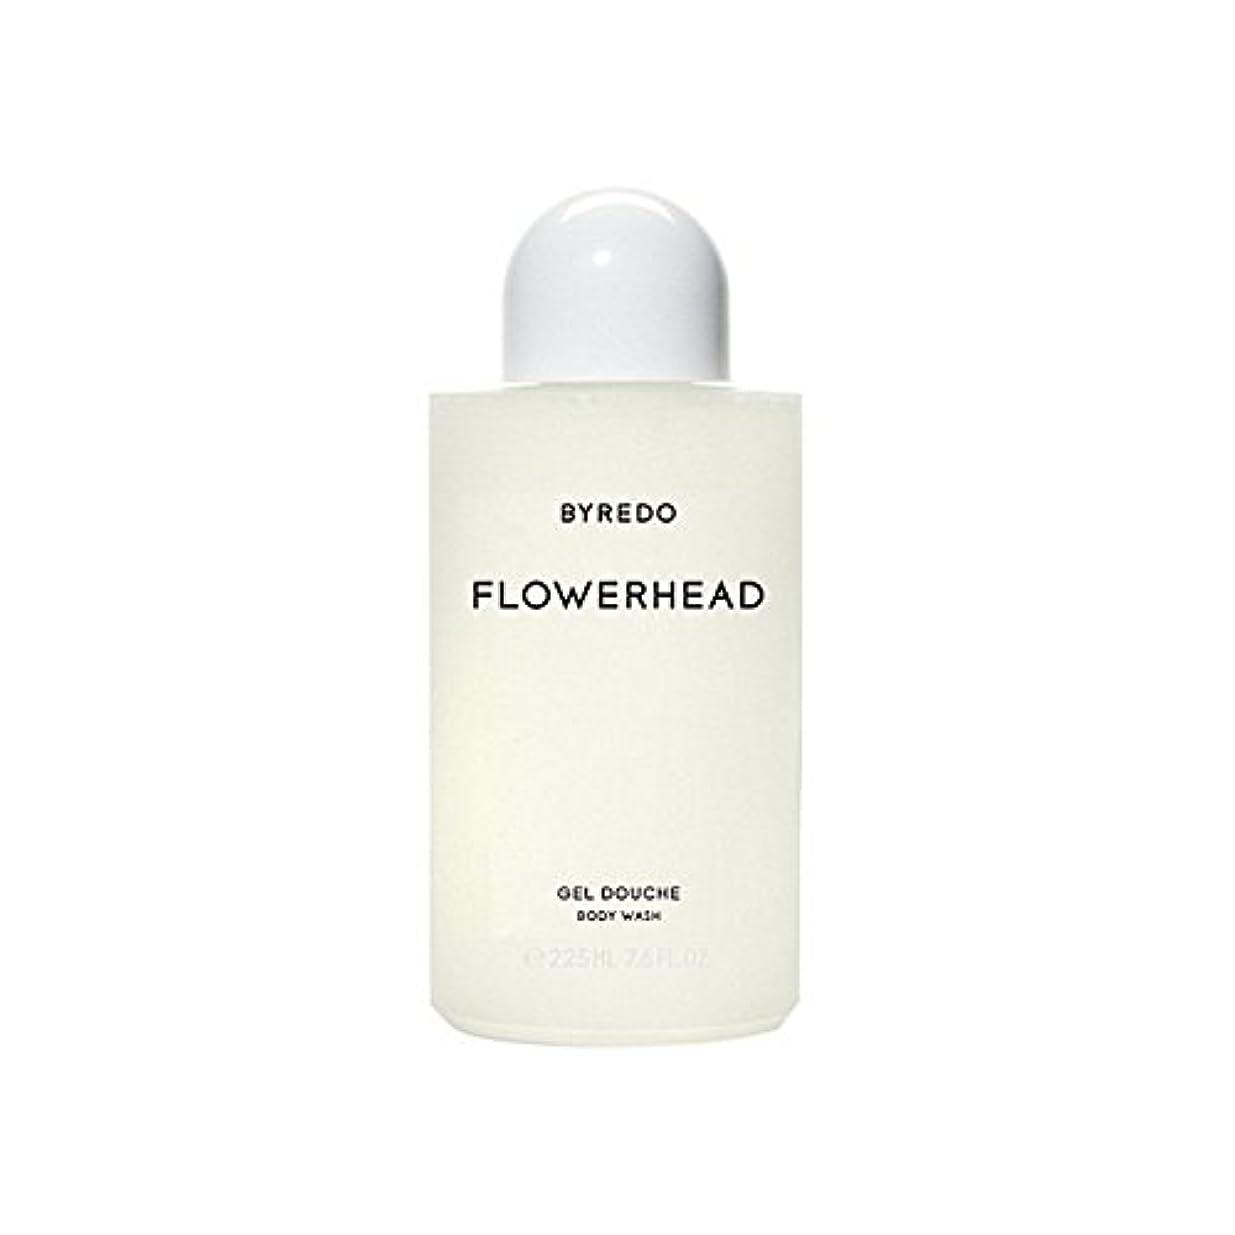 航空会社寝室文法Byredo Flowerhead Body Wash 225ml - ボディウォッシュ225ミリリットル [並行輸入品]